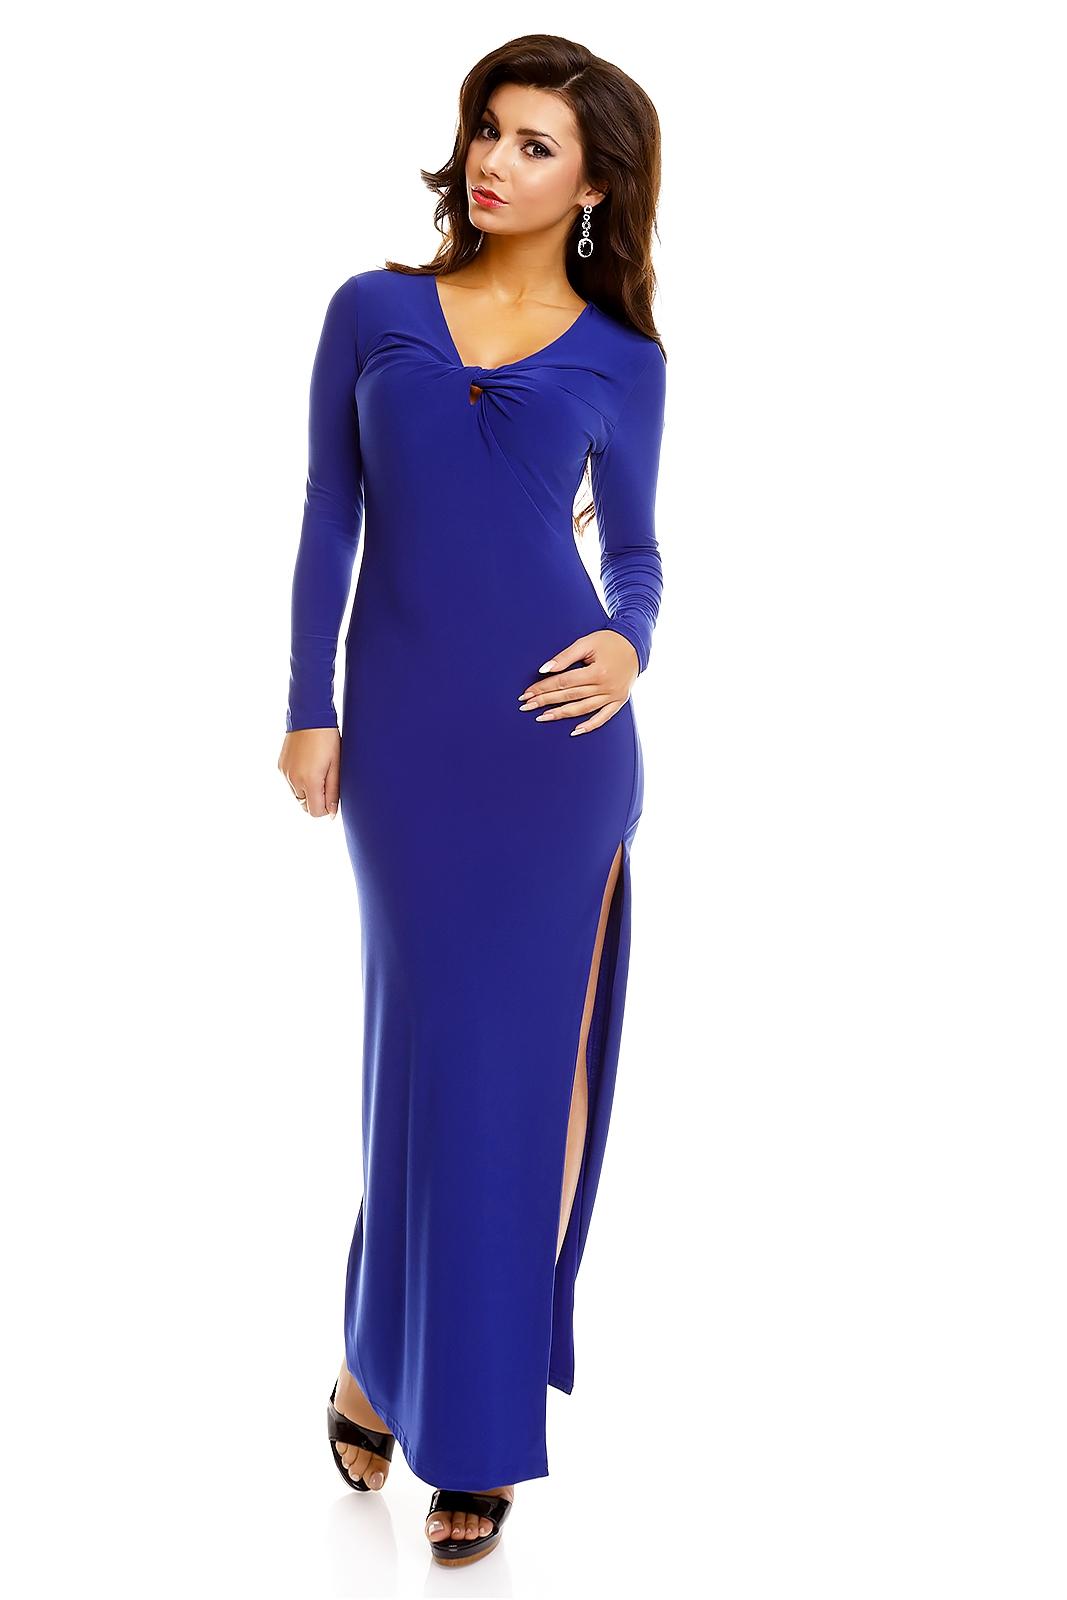 9c29a3213556 Dámské dlouhé šaty s rozparkem modrá